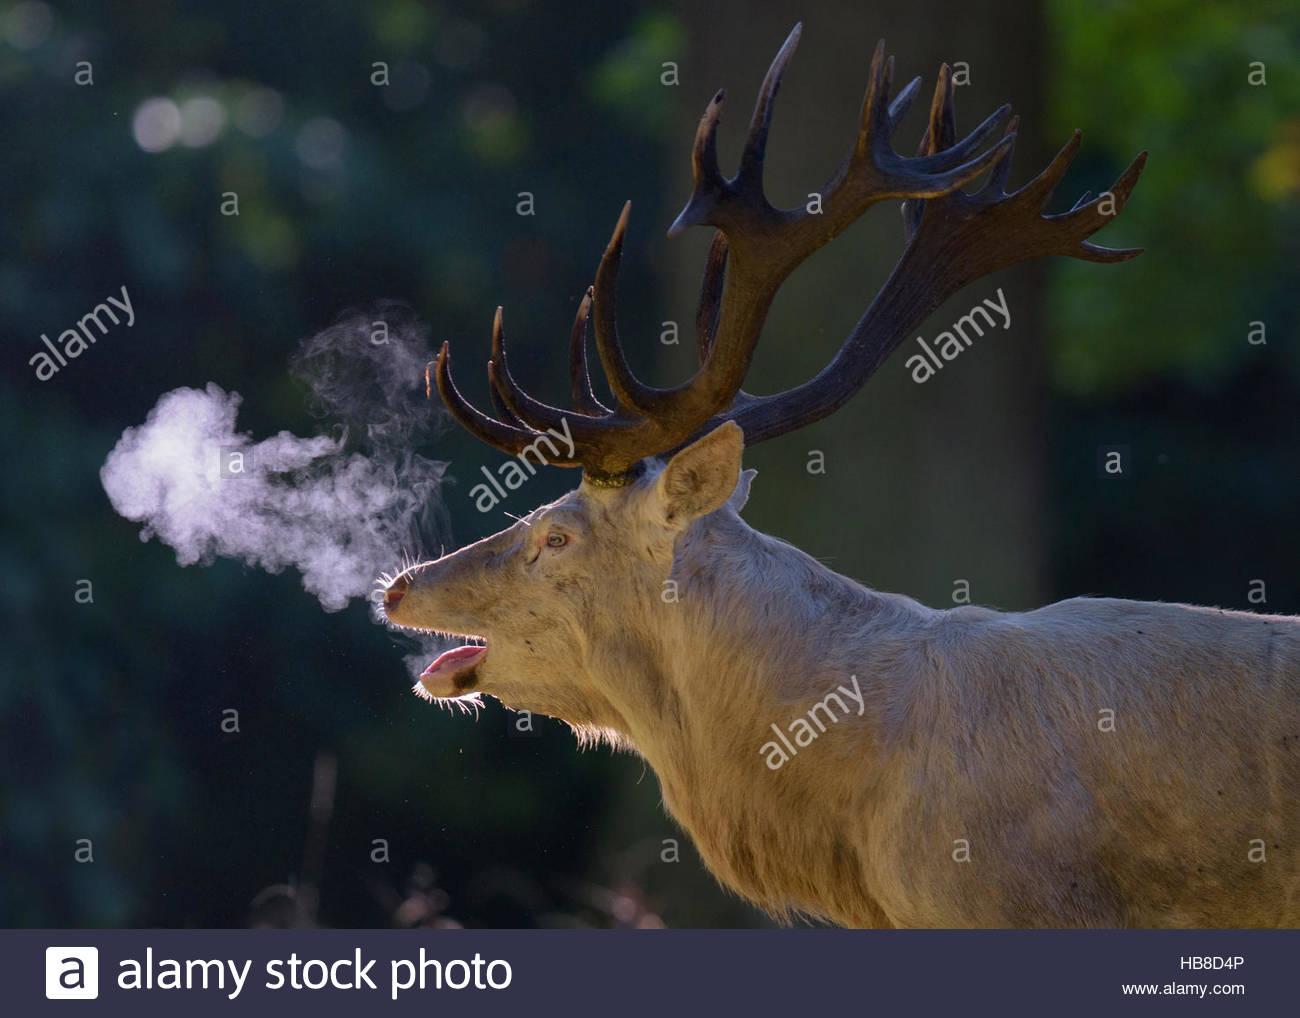 Rothirsch (Cervus Elaphus), Hirsch, Spurrinnen weiße Morph, belling, Hintergrundbeleuchtung, Atemzug Kondensation, Stockbild